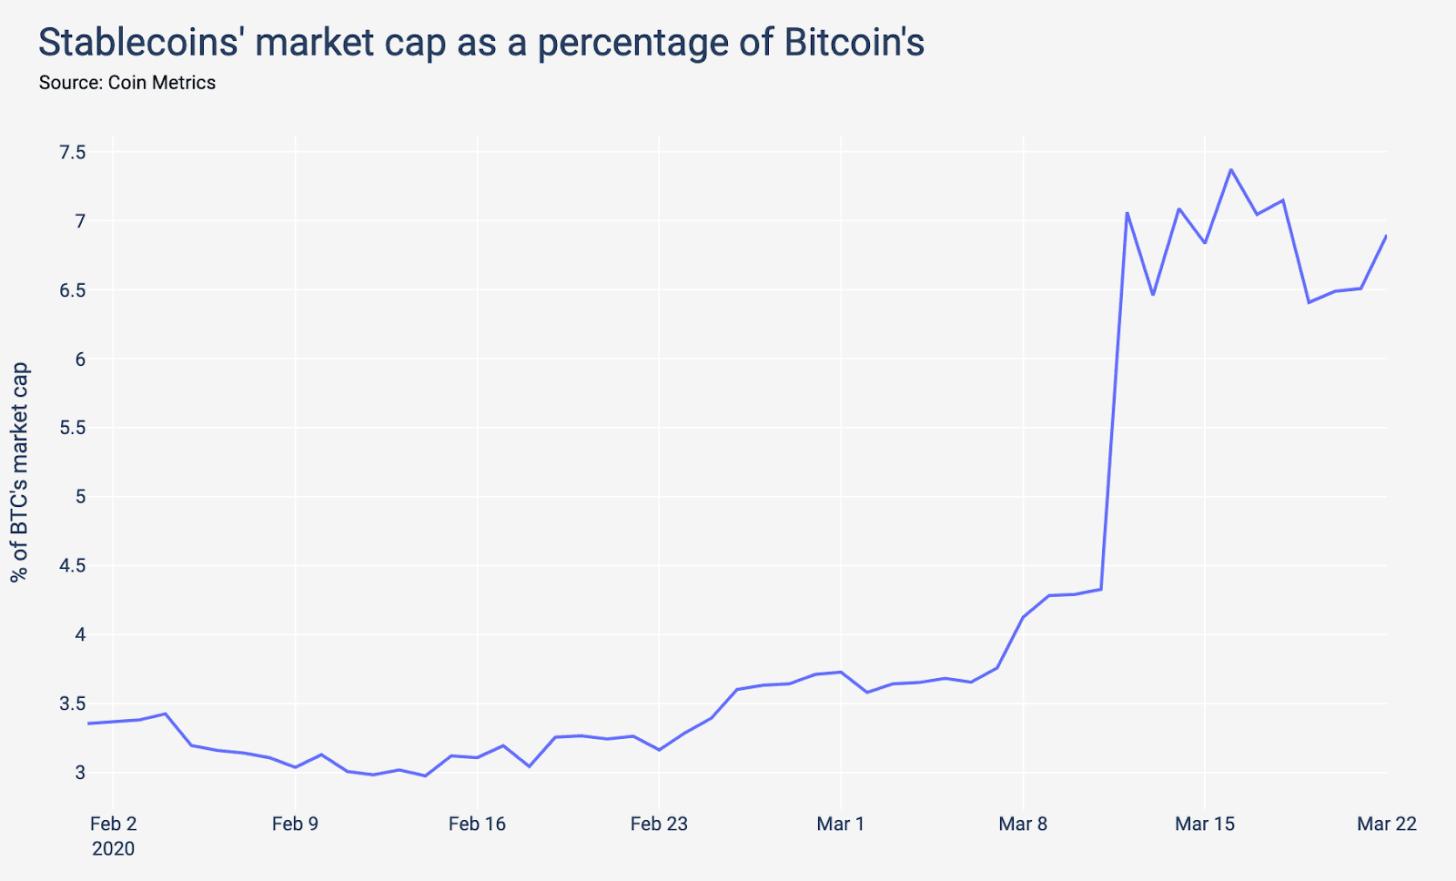 Gráfico mostra o valor de mercado das stablecoins como uma porcentagem do Bitcoin